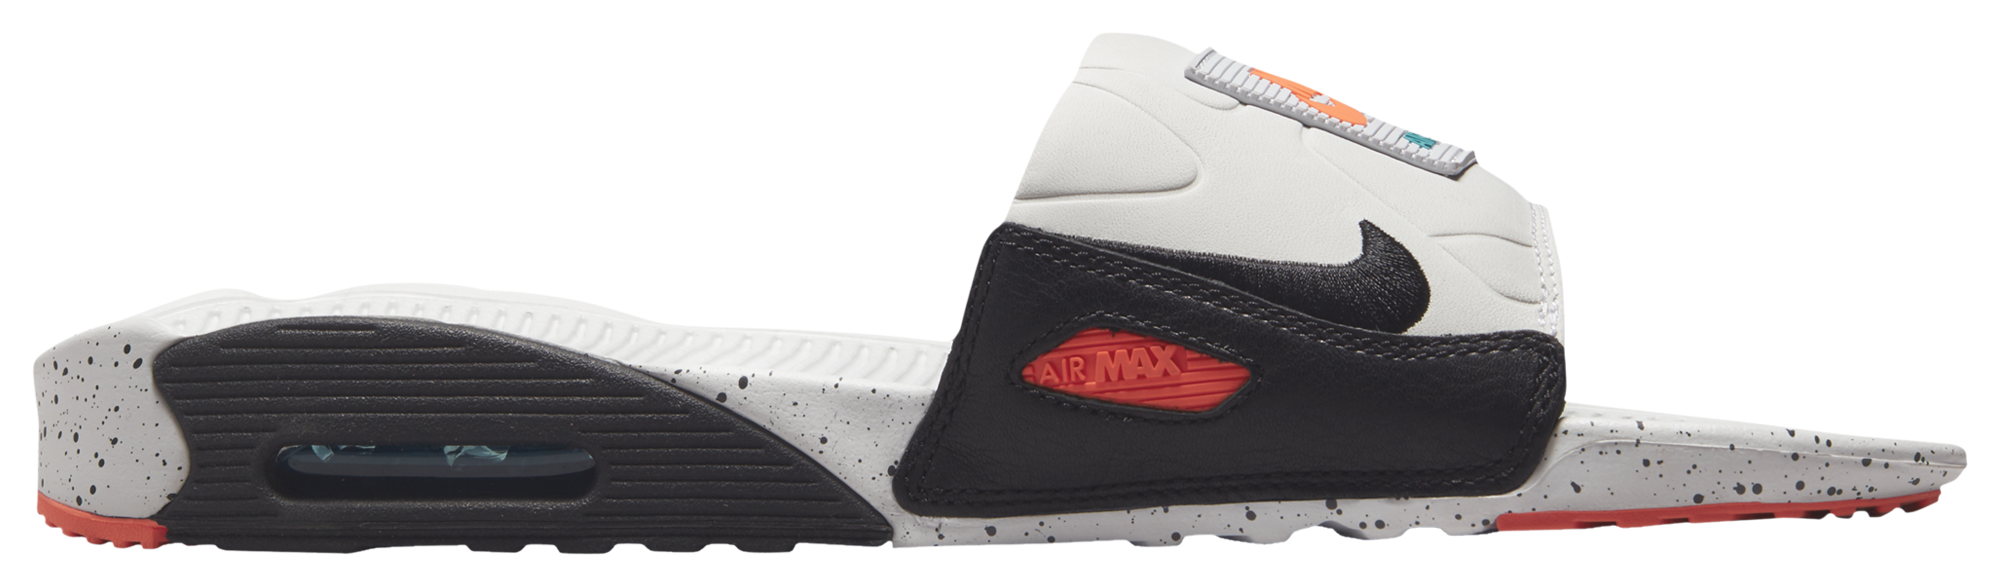 Nike Air Max 90 Slide - Men's | Foot Locker